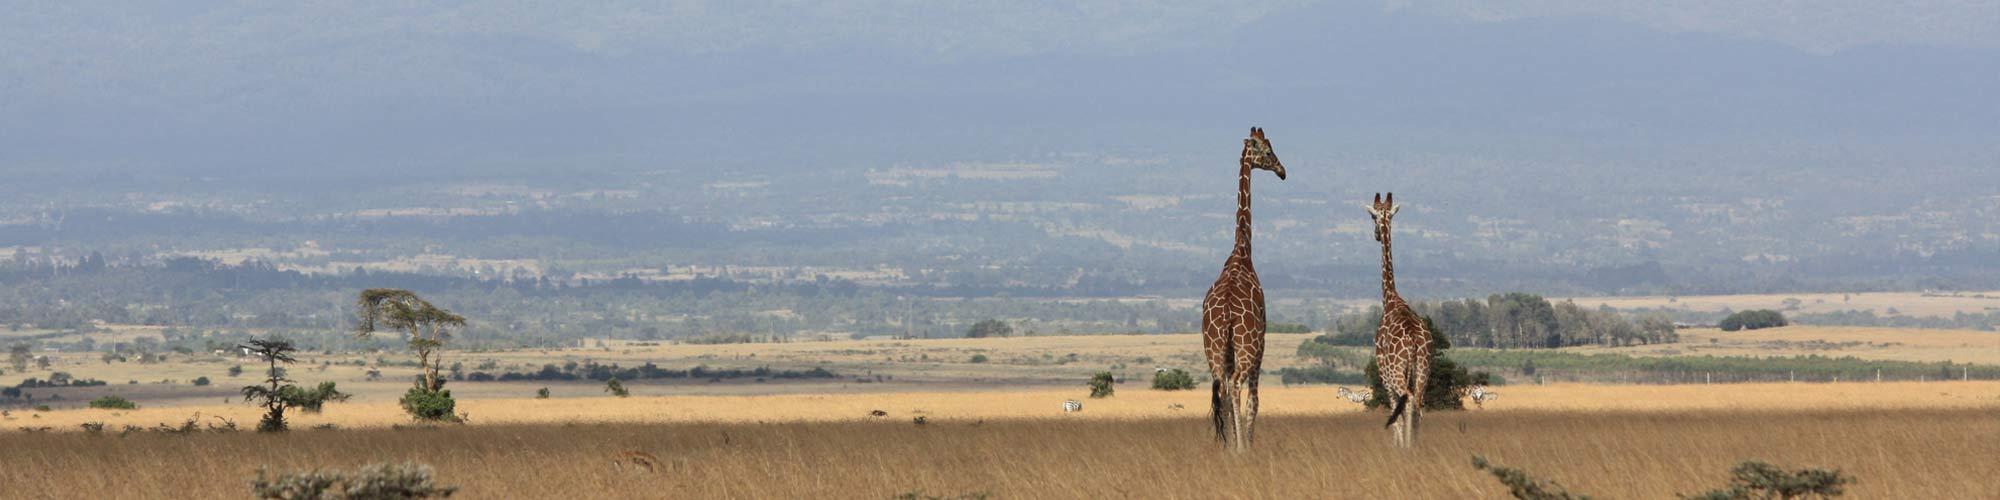 Kenia, memorias de África - EL PAIS Viajes